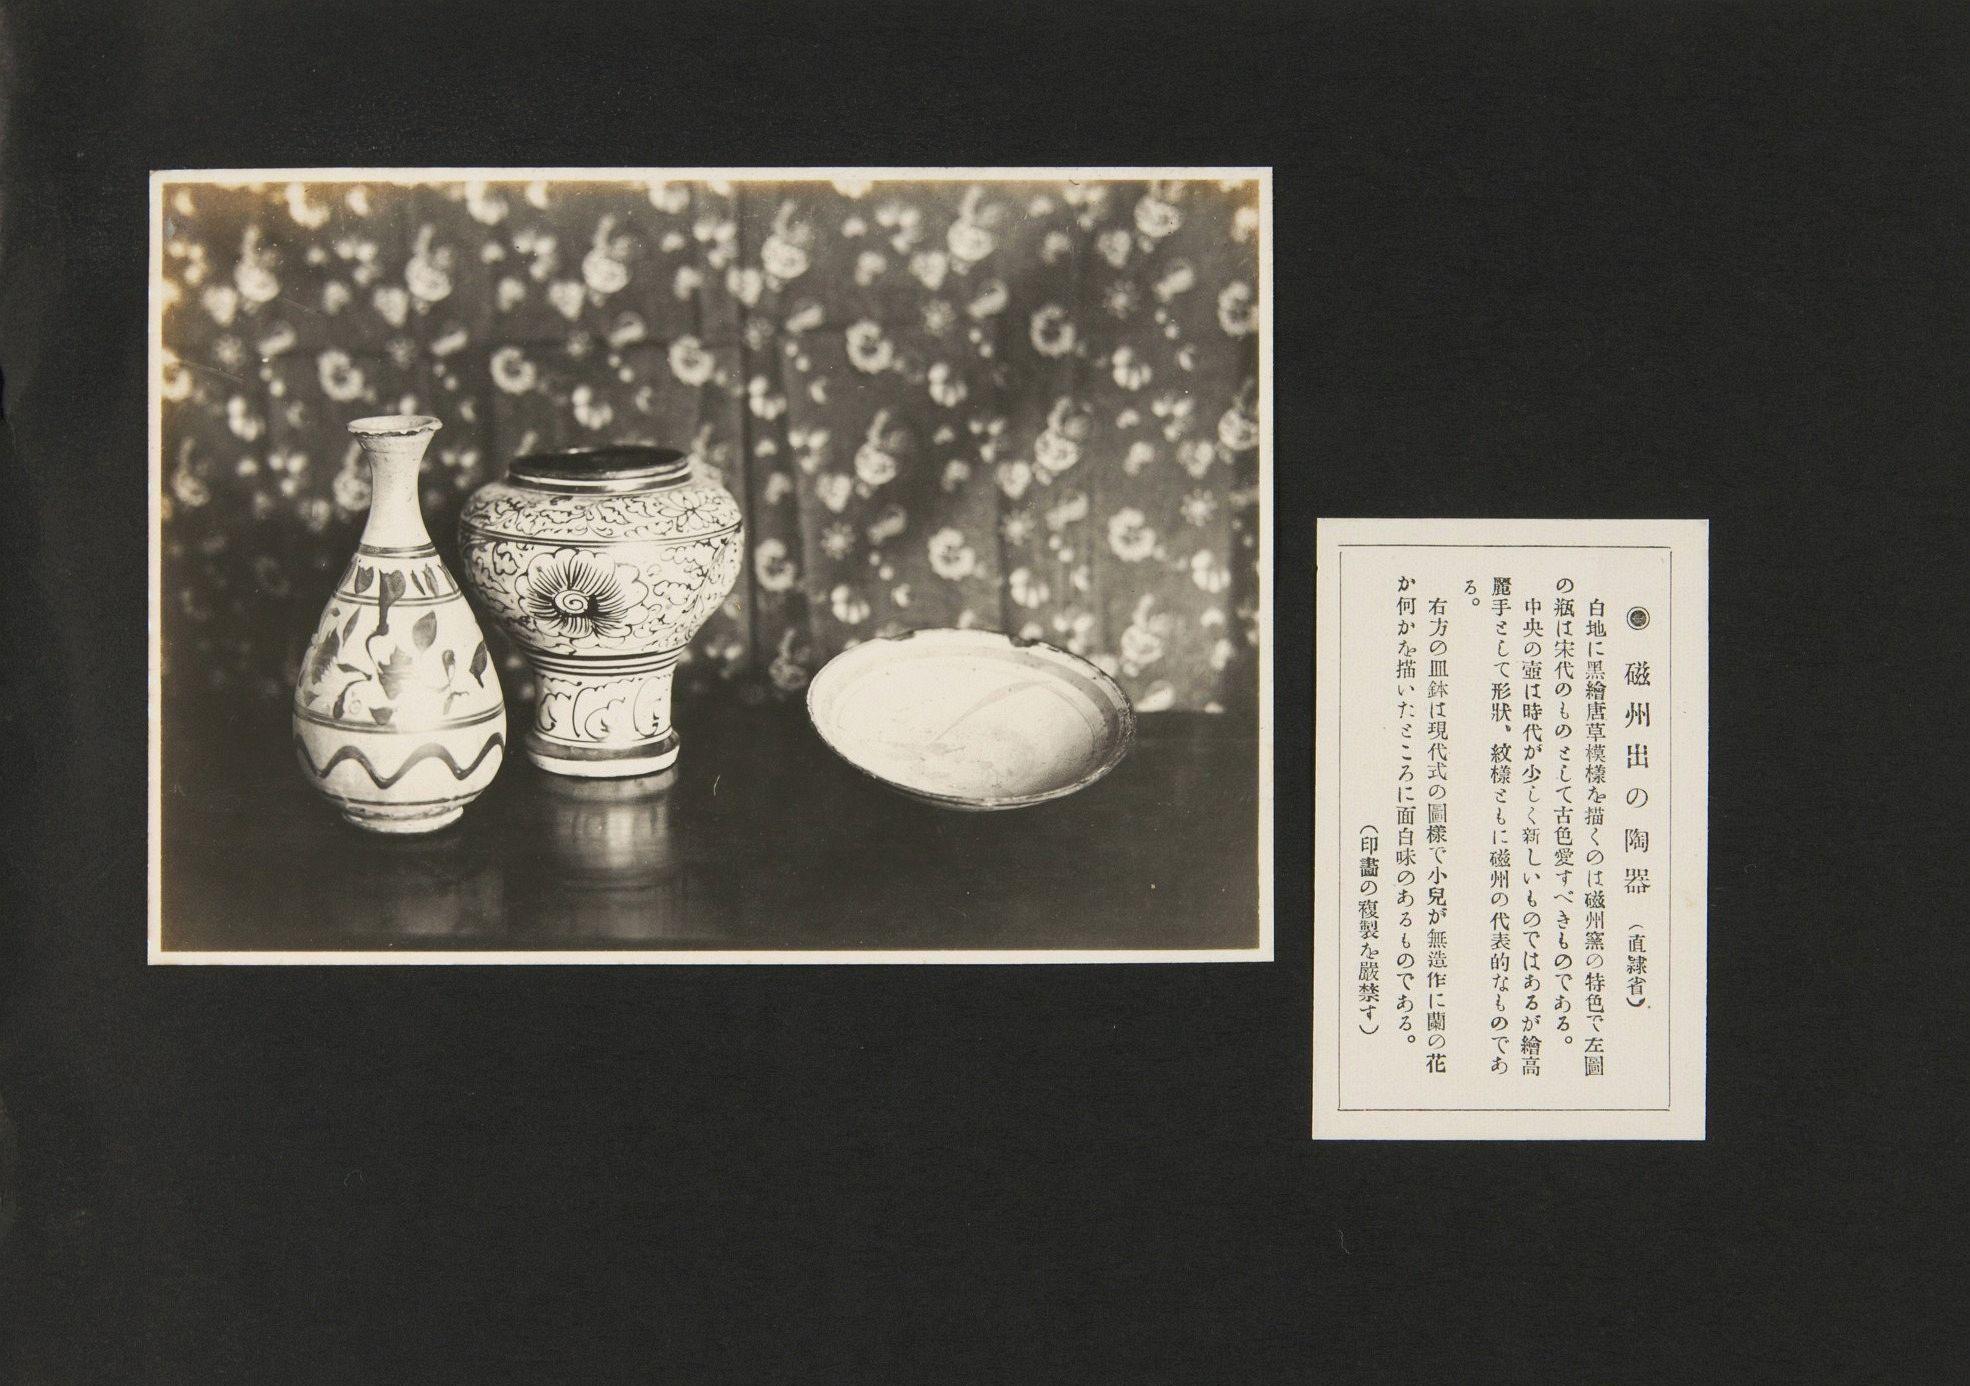 日本间谍拍摄:晚清中国名窑——磁州窑瓷器的烧制过程